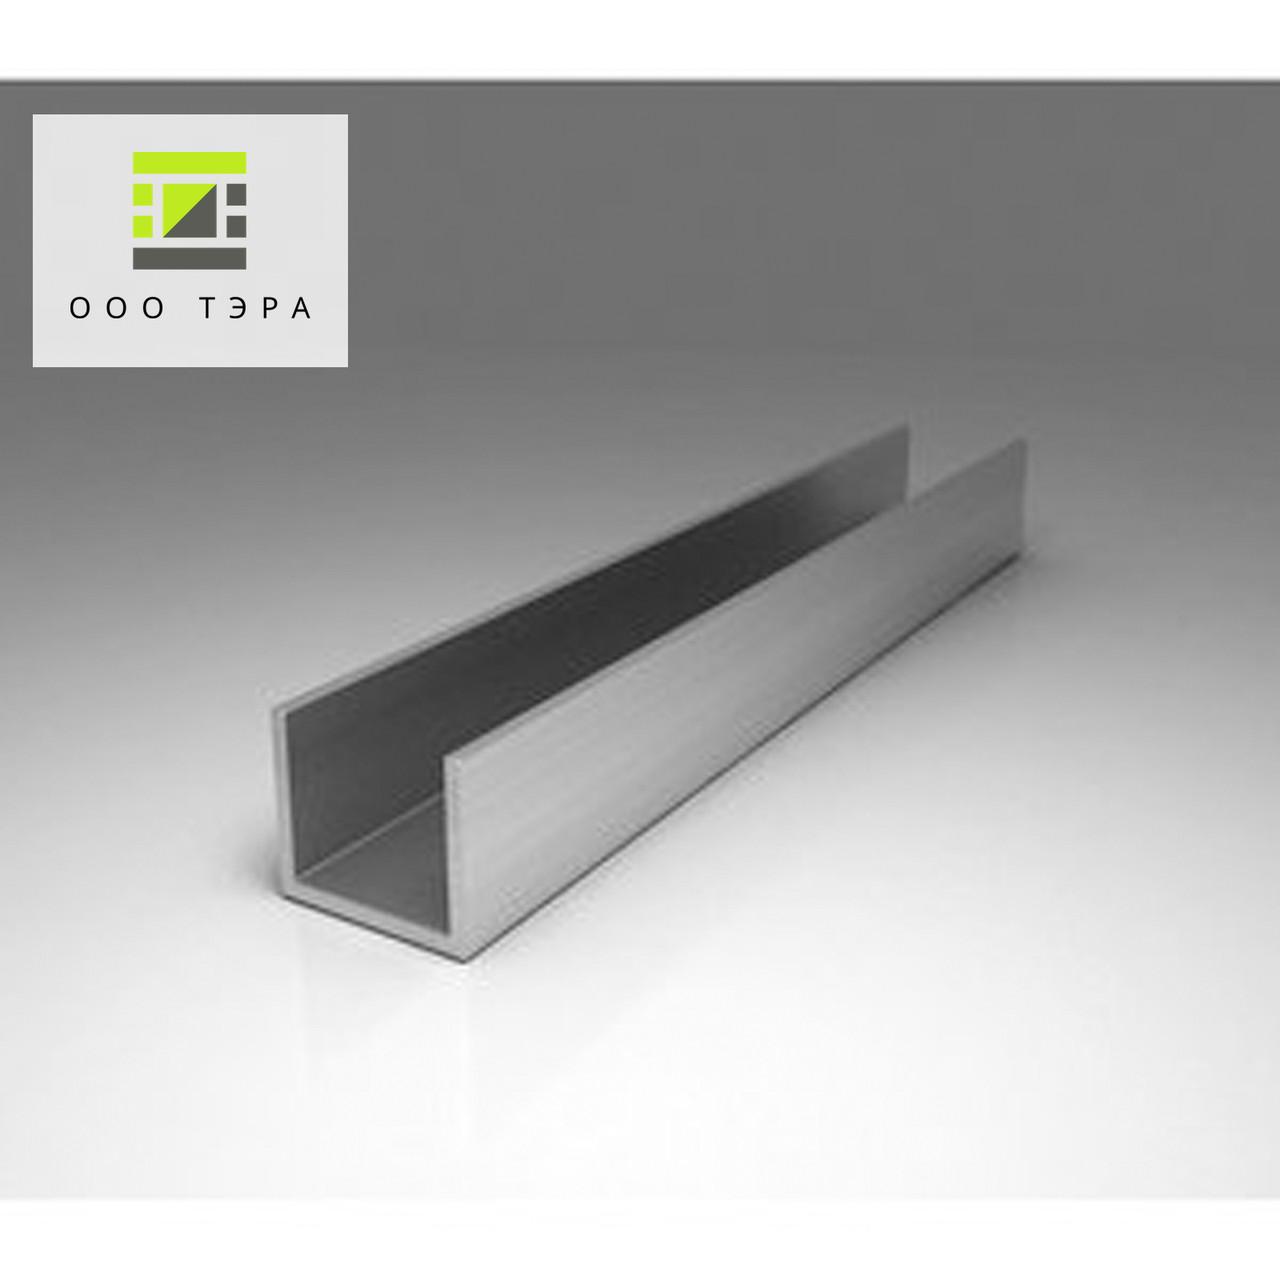 Алюминиевый швеллер 60 х 40 х 5 мм АД31Т П-образный профиль прессованный 6060 Т6